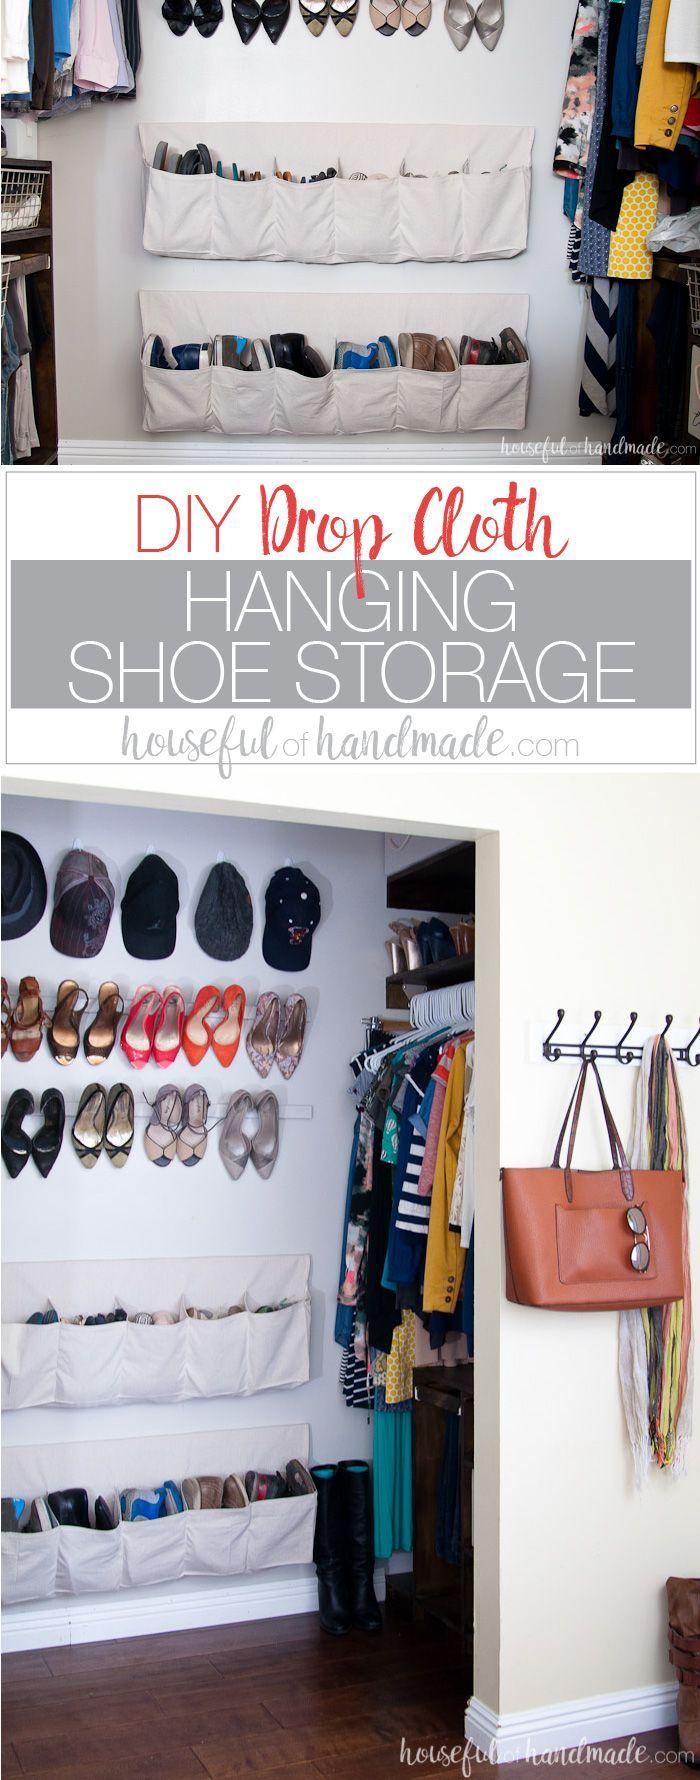 Drop Cloth Hanging Shoe Storage Hanging Shoe Storage